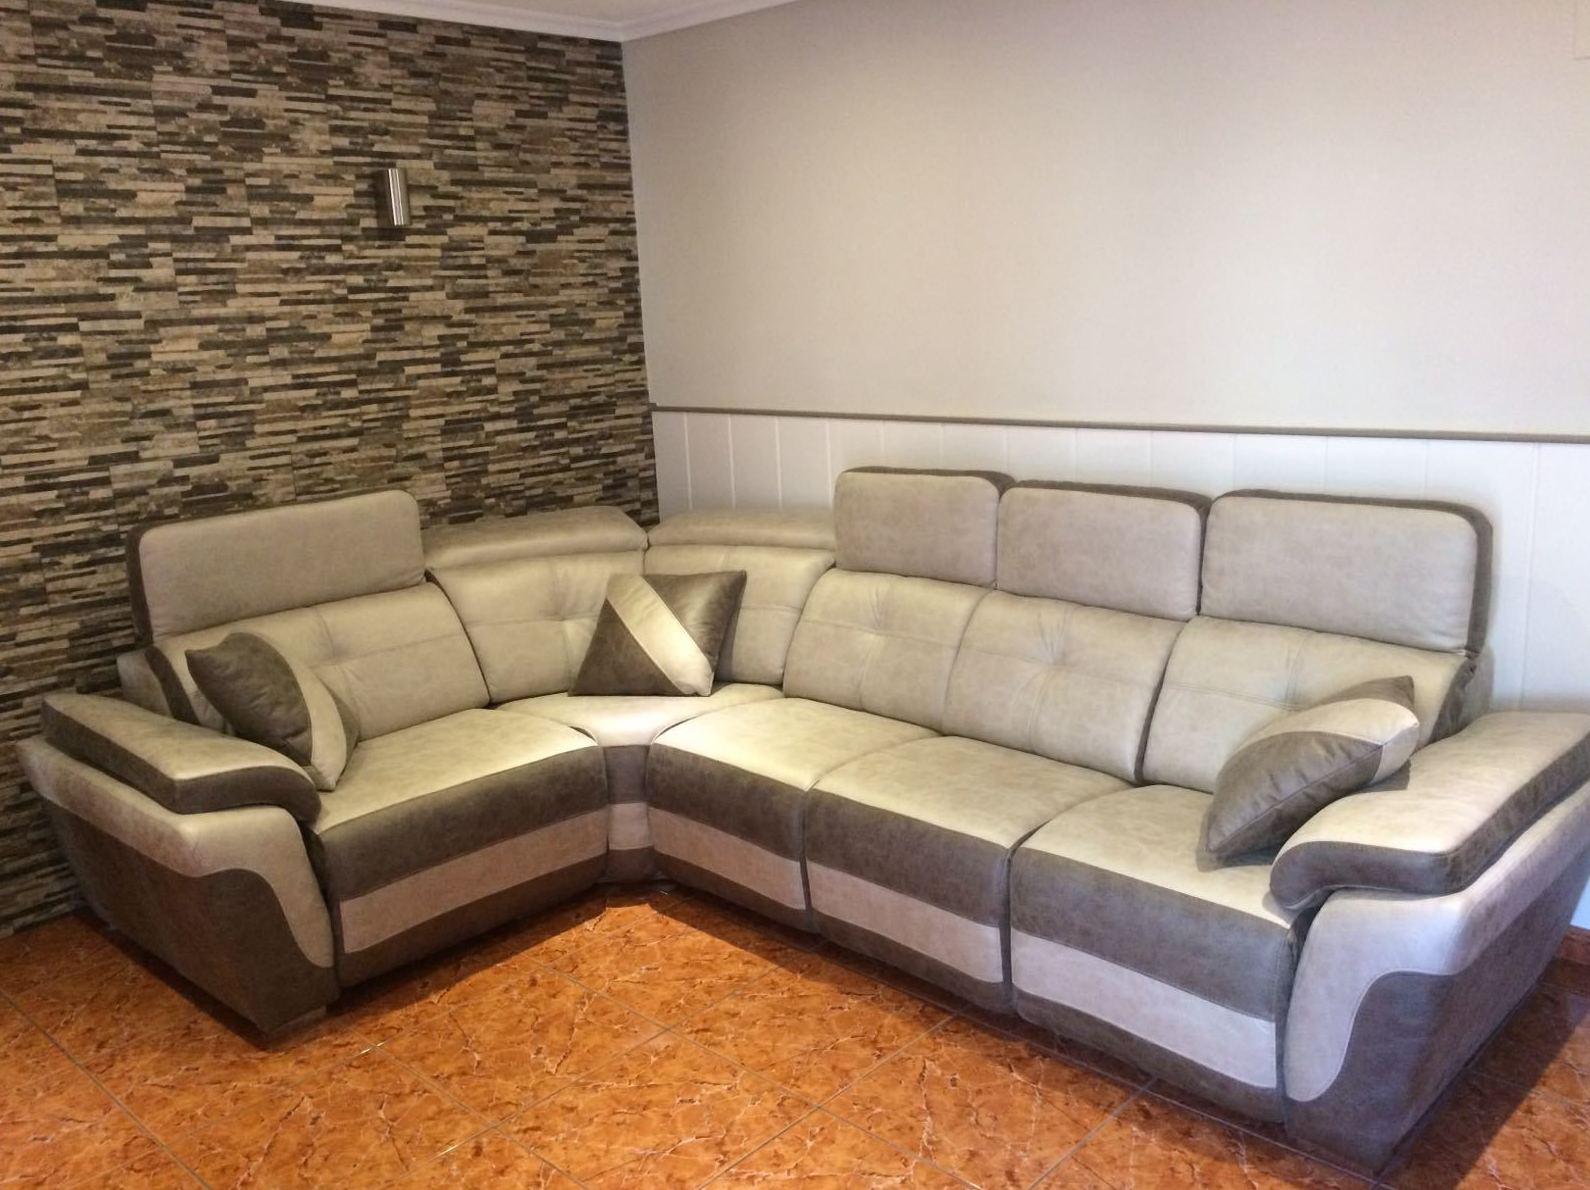 Gran variedad de modelos de sofás